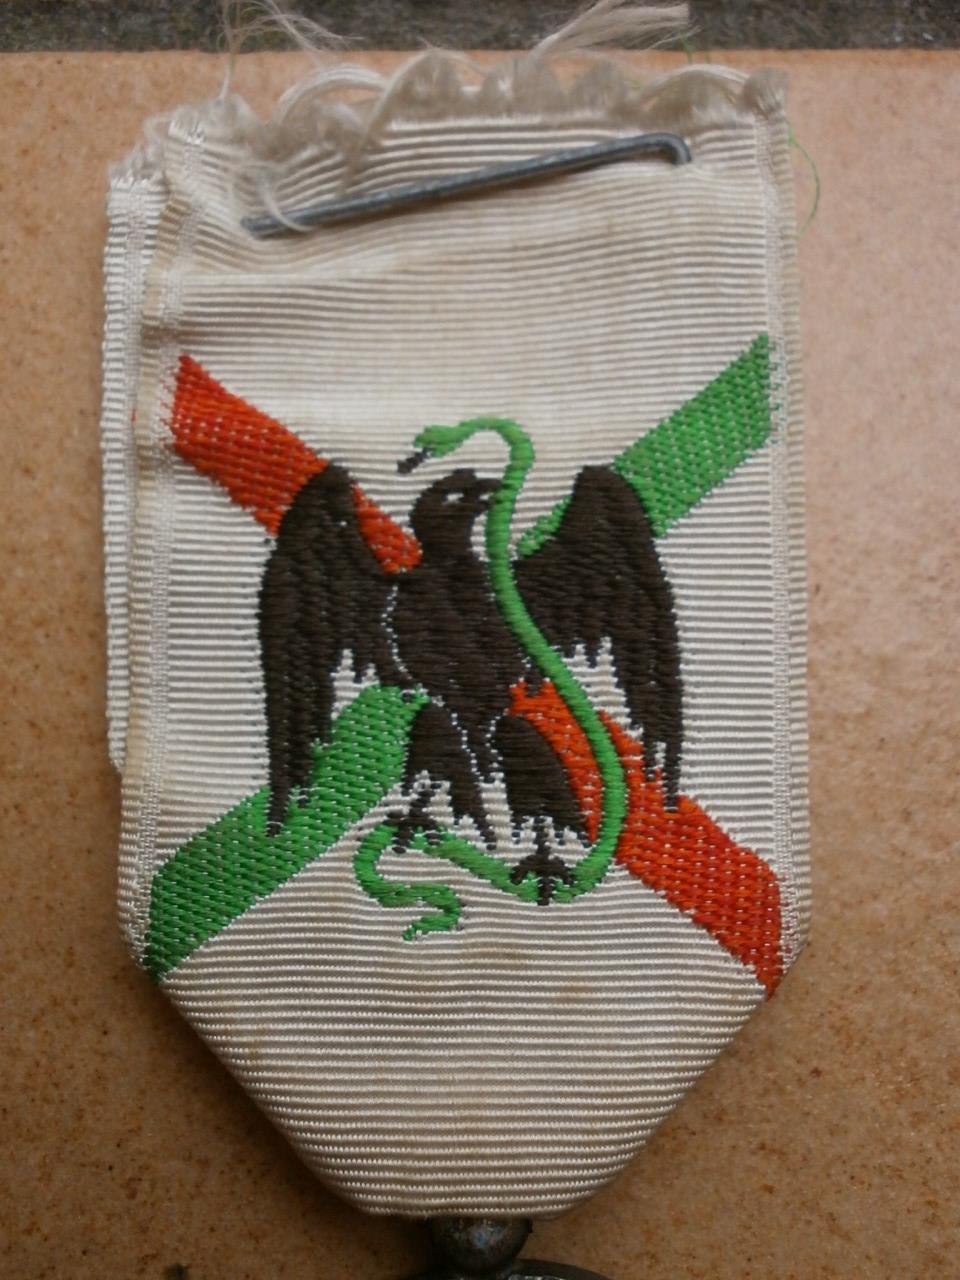 Medaille du Mexique  Camerone Medai195